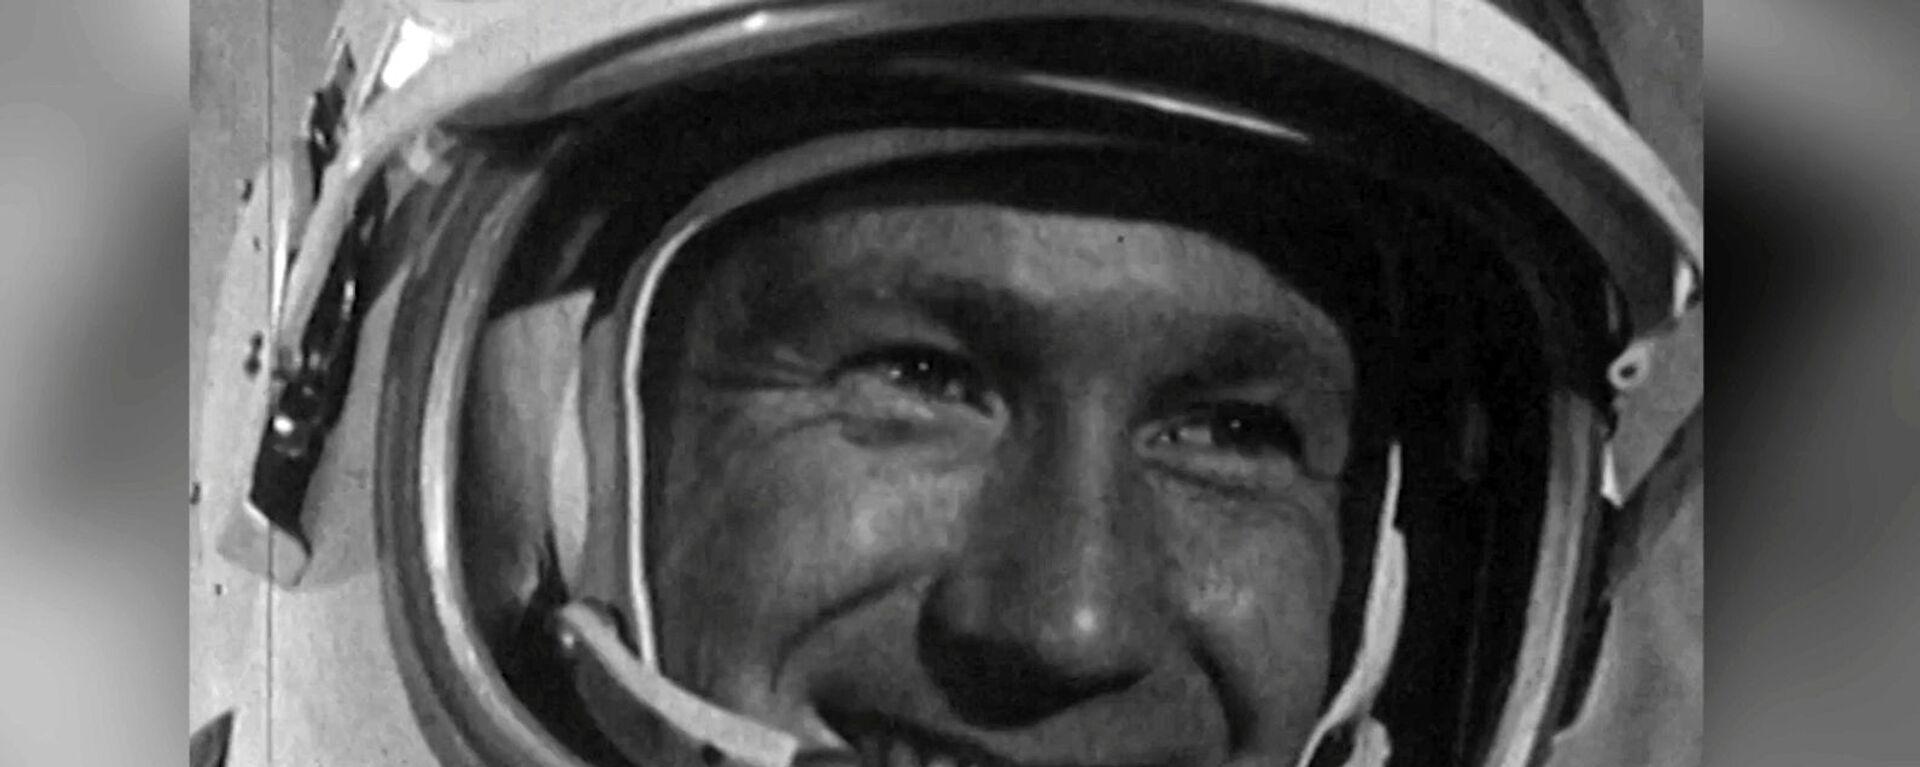 Ο διαστημικός περίπατος του Αλεξέι Λεόνοφ: 12 λεπτά στο απόλυτο κενό - Sputnik Ελλάδα, 1920, 18.03.2021